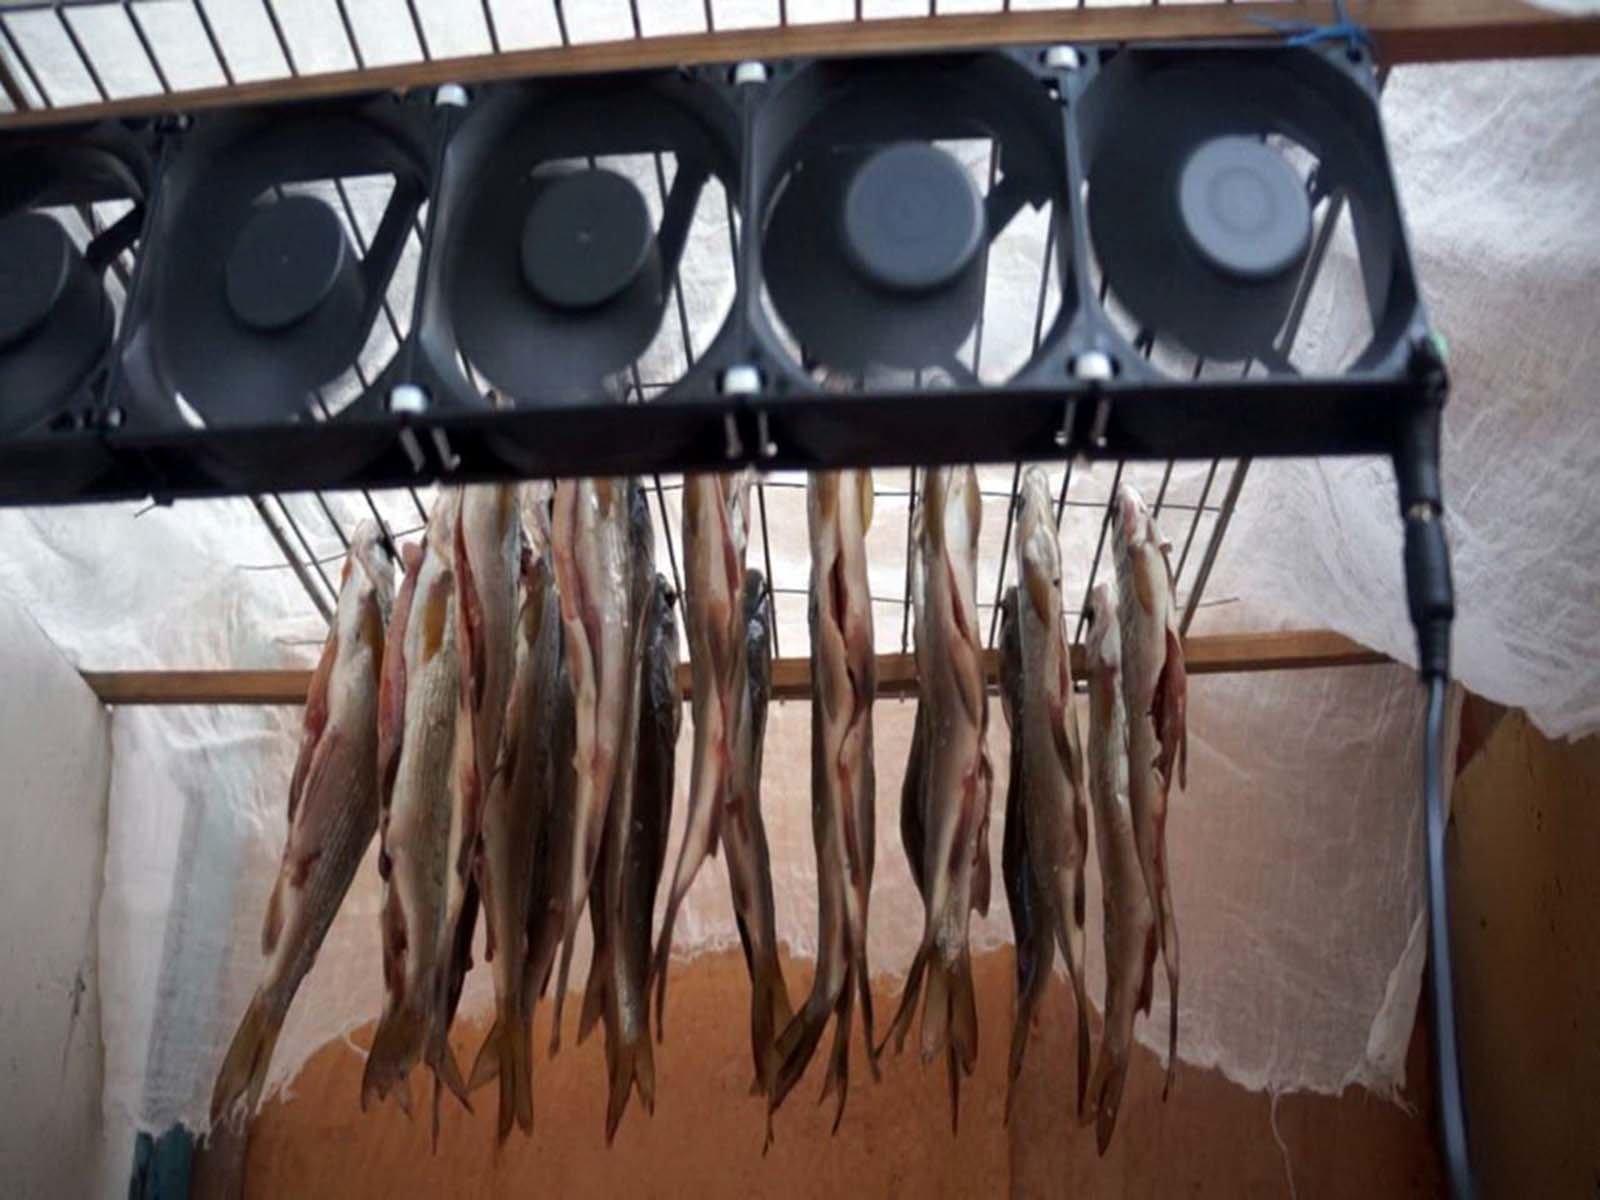 kak izgotovit sushilku dlya ryby v usloviyah kvartiry